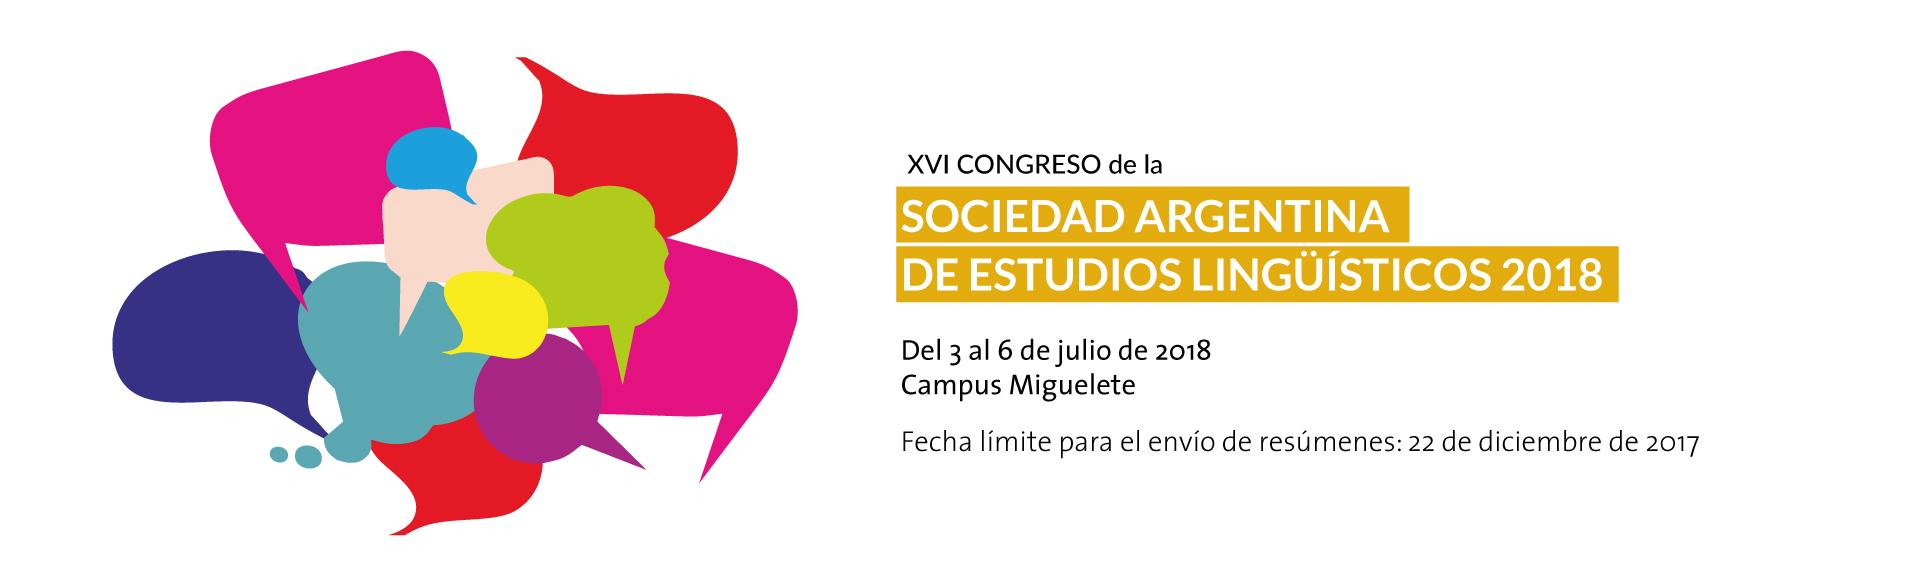 XVI CONGRESO DE LA SOCIEDAD ARGENTINA DE ESTUDIOS LINGÜÍSTICOS 2018